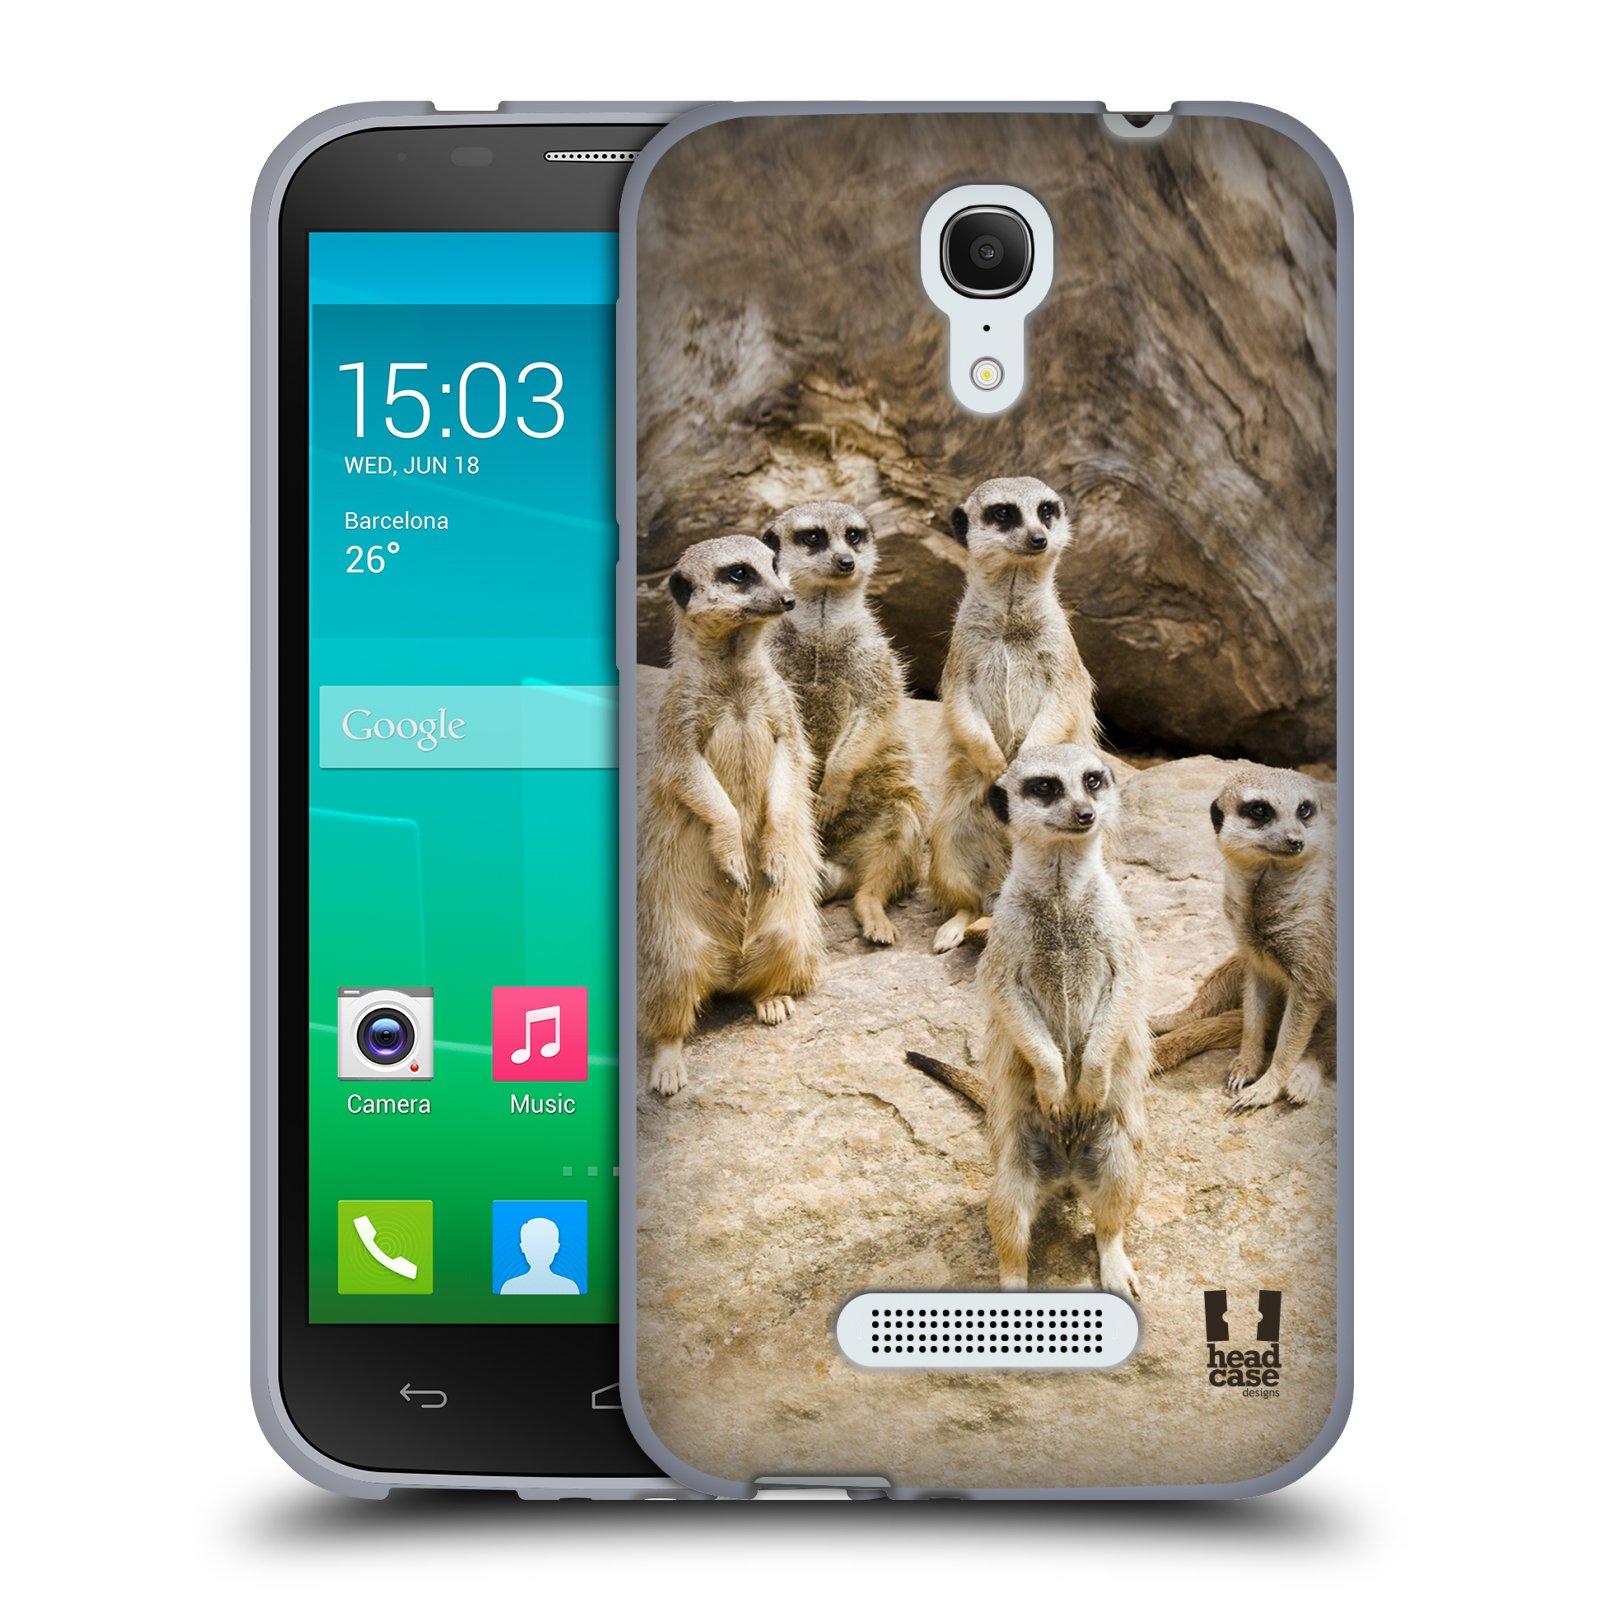 HEAD CASE silikonový obal na mobil Alcatel POP S7 vzor Divočina, Divoký život a zvířata foto SURIKATA